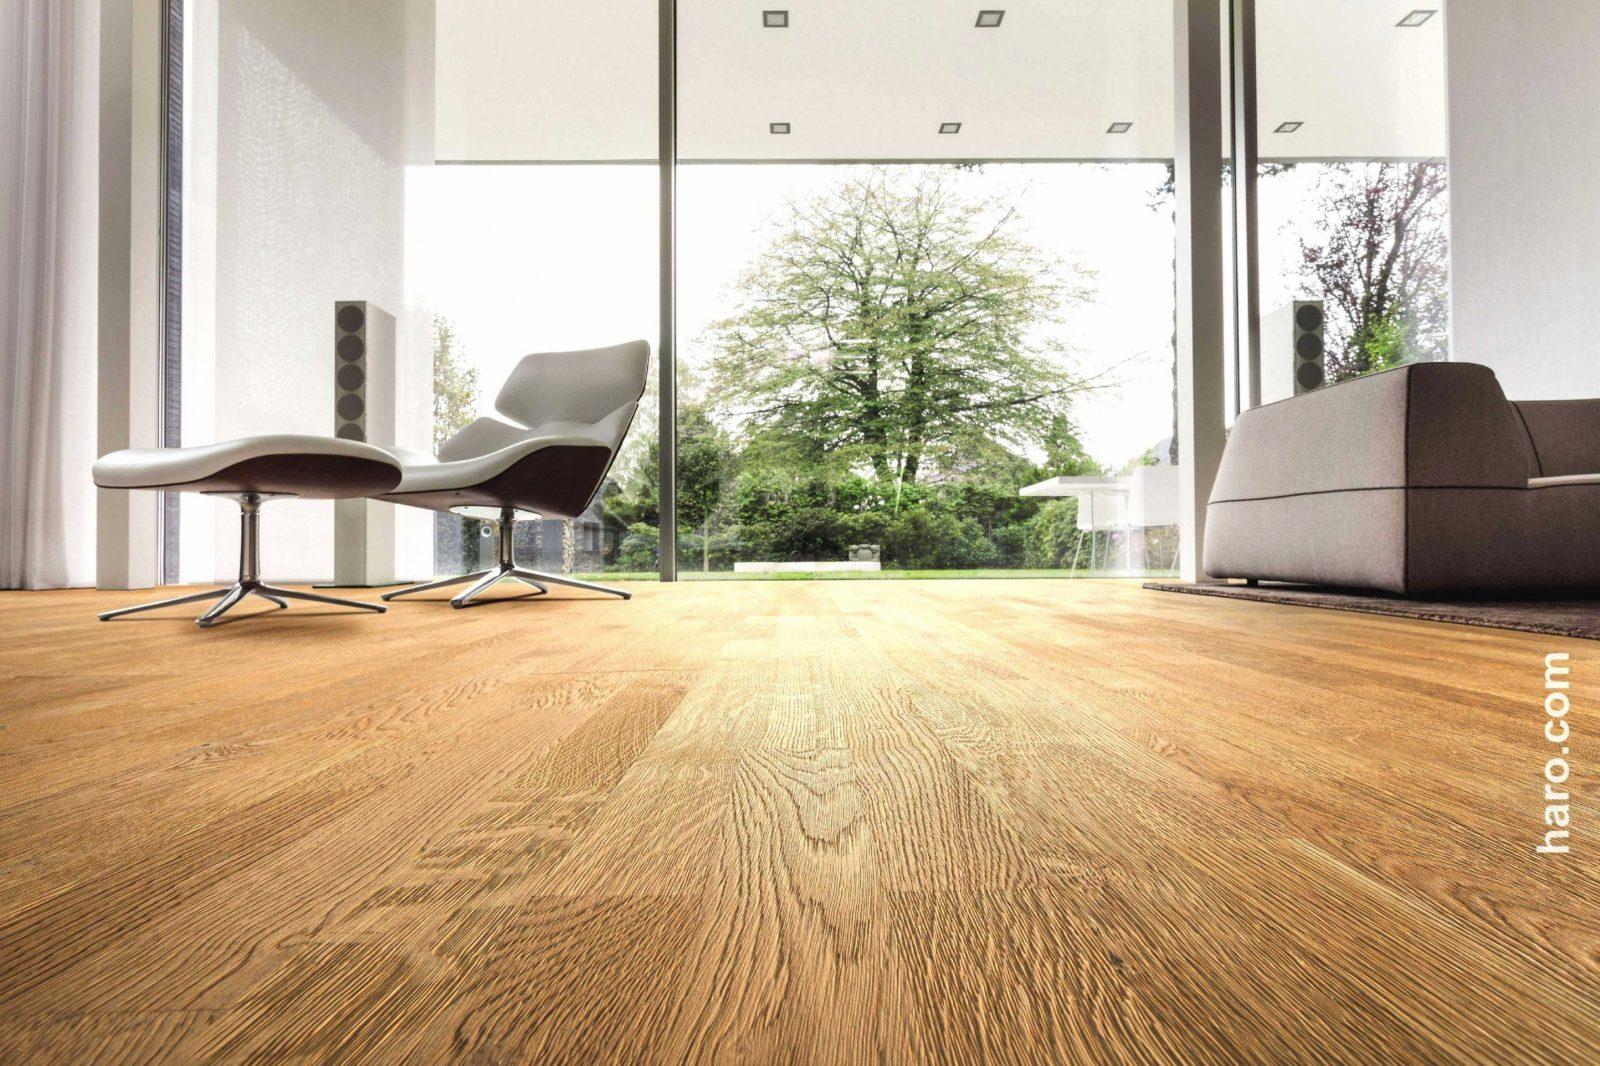 Fliesen In Holzoptik Erfahrungen — Temobardz Home Blog von Fliesen In Holzoptik Erfahrungen Bild